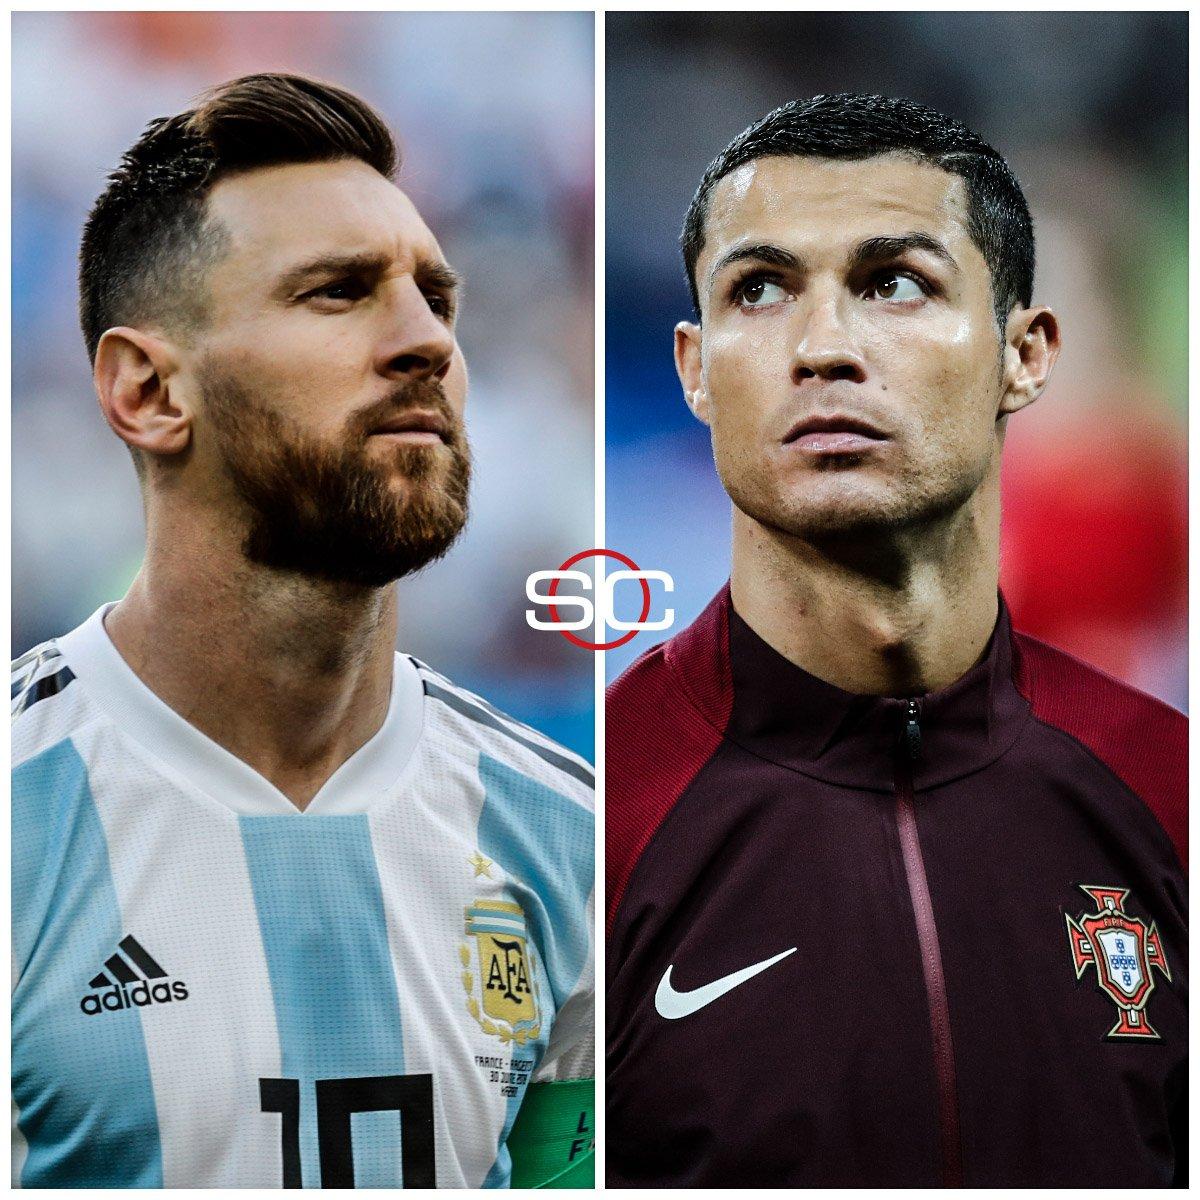 Los que marcaron un antes y un después: ¿quién sumará más goles a lo largo de su carrera? 🇦🇷 Messi lleva 672 con 32 años 🇵🇹 CR7 lleva 700 con 34 años